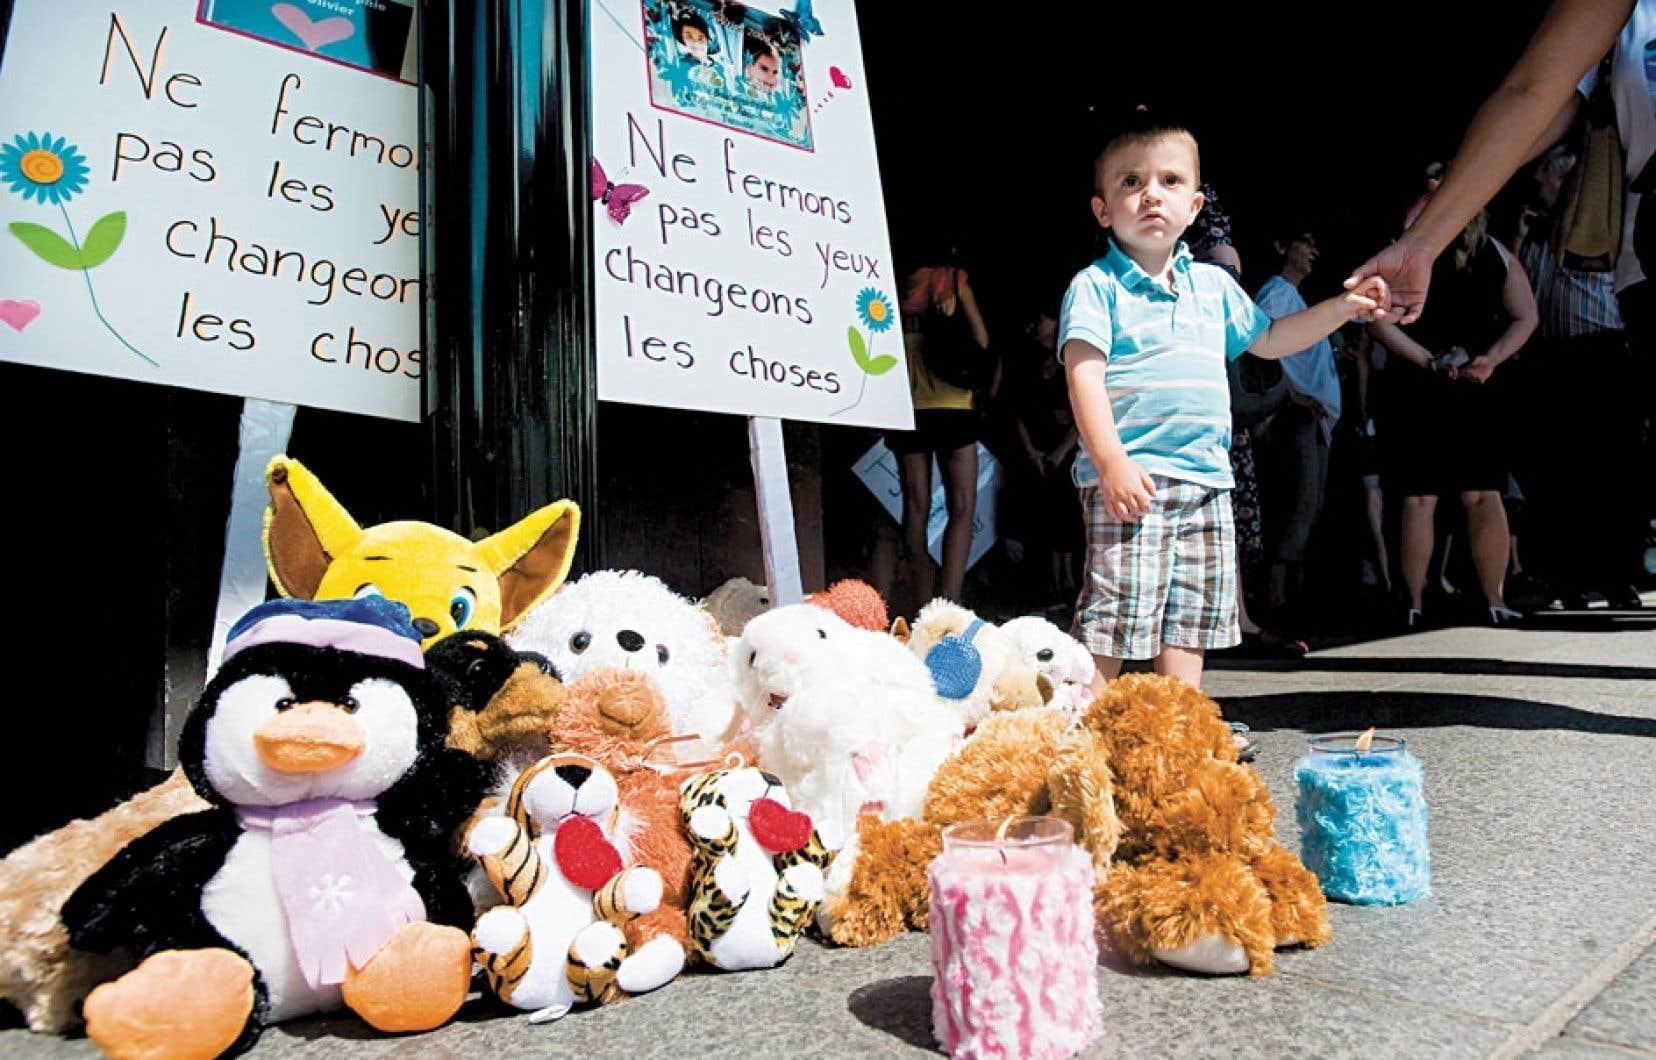 Le verdict de non-responsabilité criminelle pour cause de troubles mentaux en juillet2011 avait suscité un tollé dans la population du Québec.